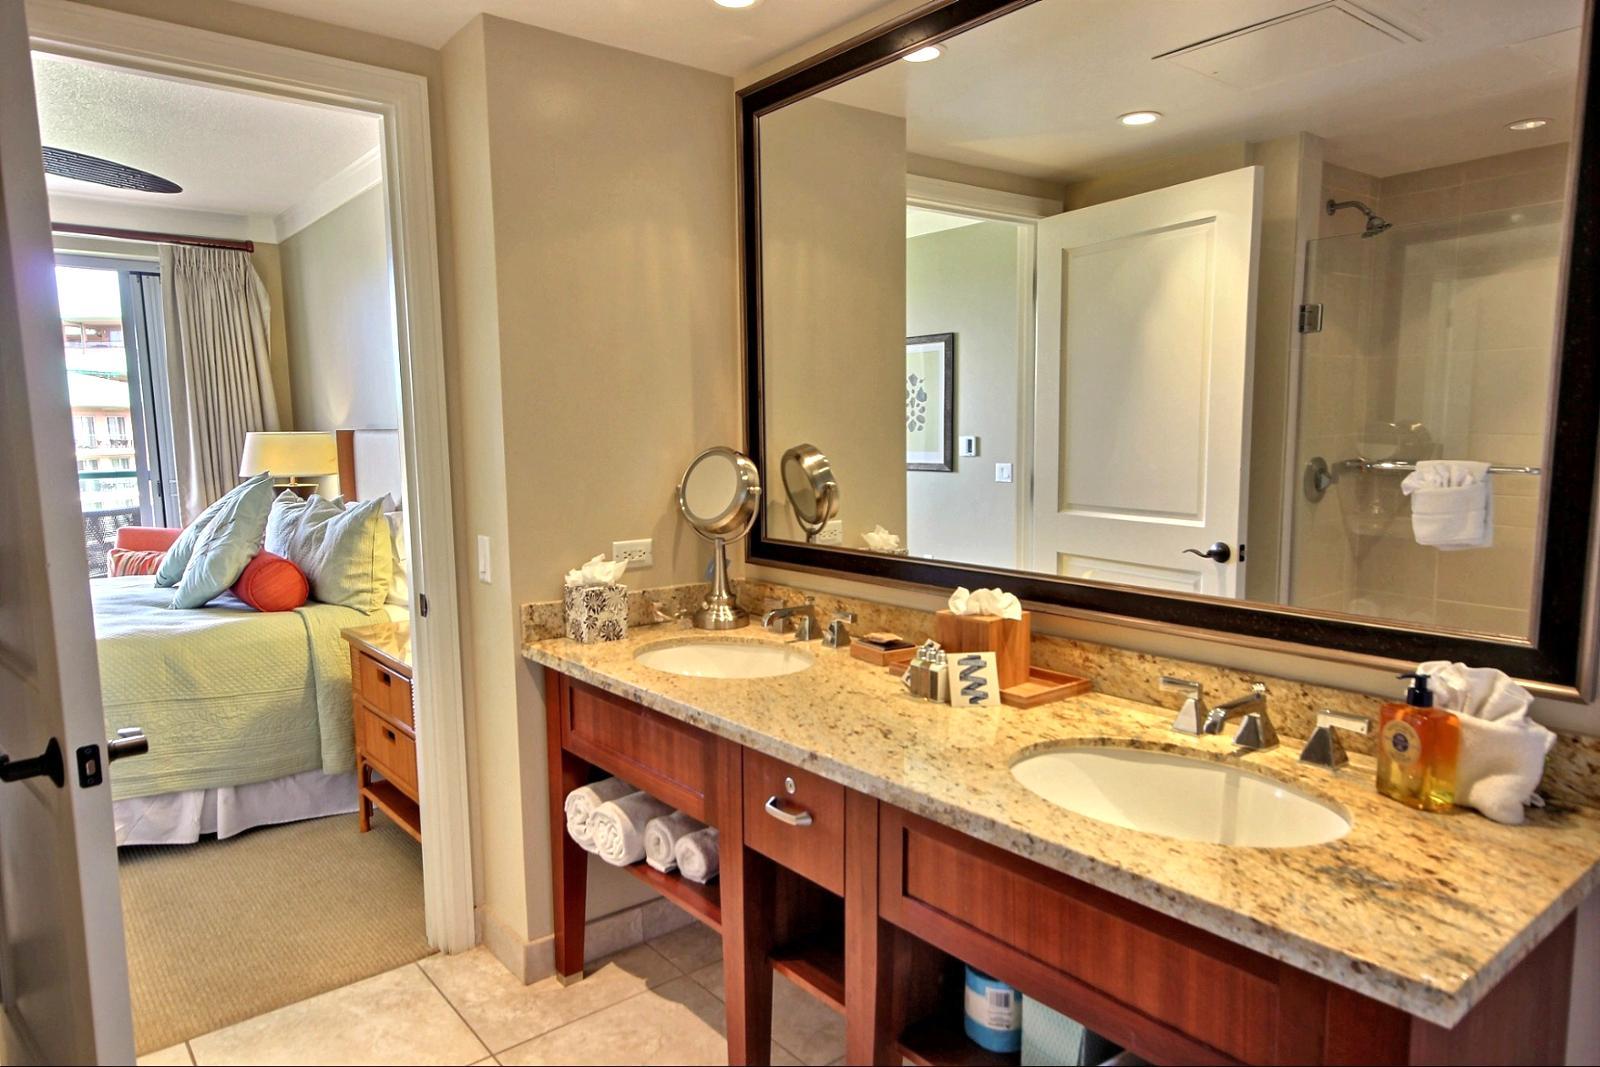 Extra large vanity mirror.